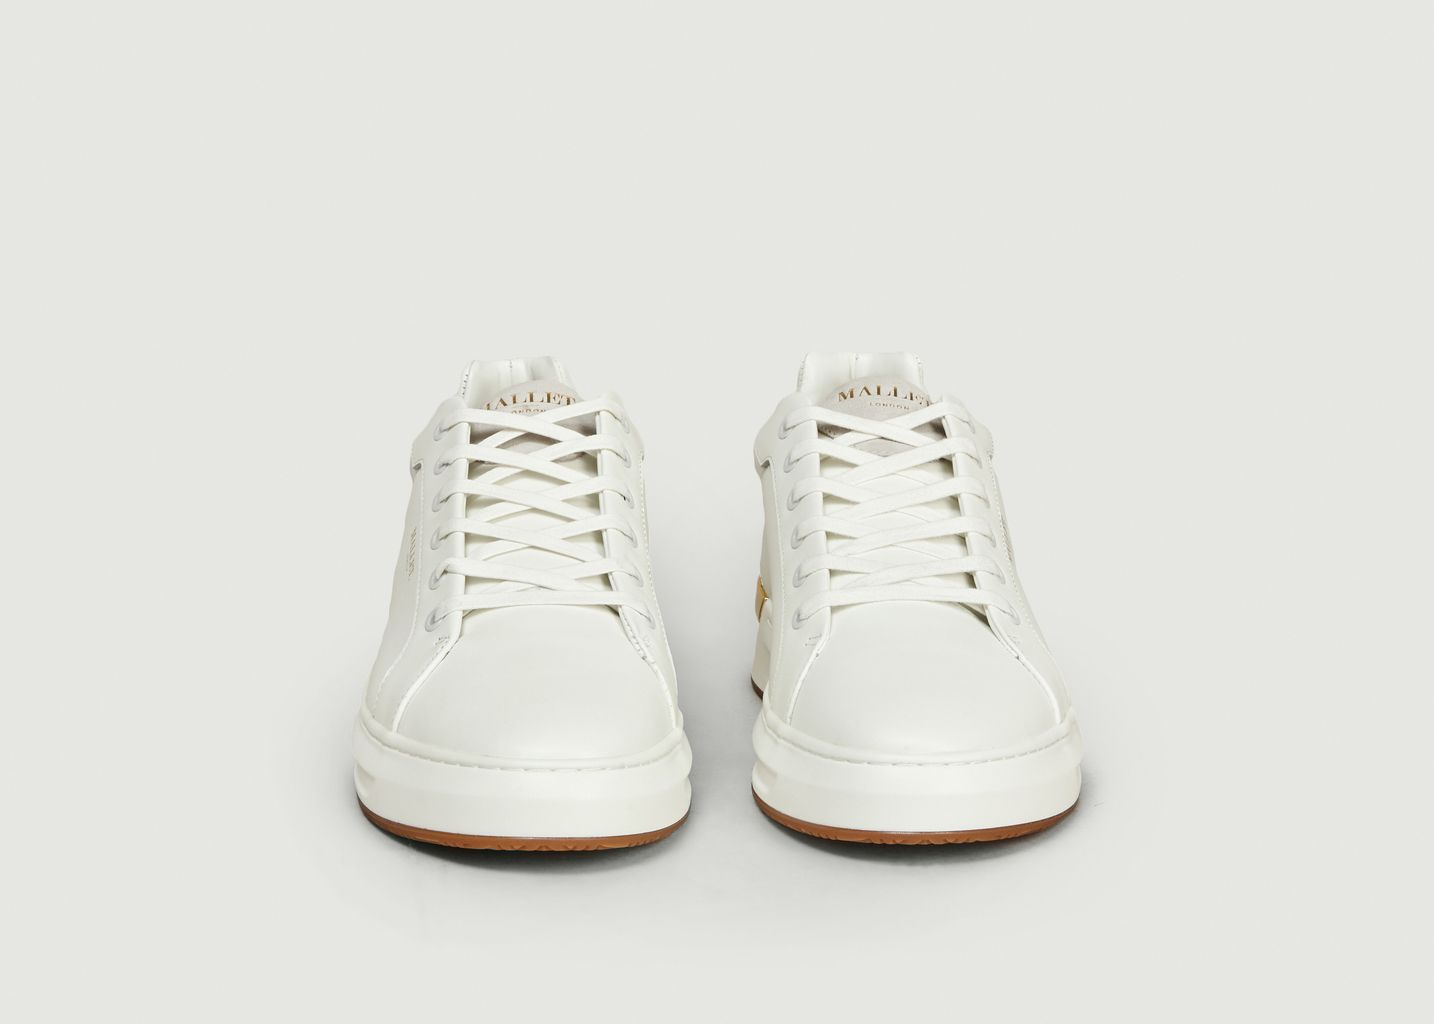 Sneakers GRFTR White - Mallet Footwear